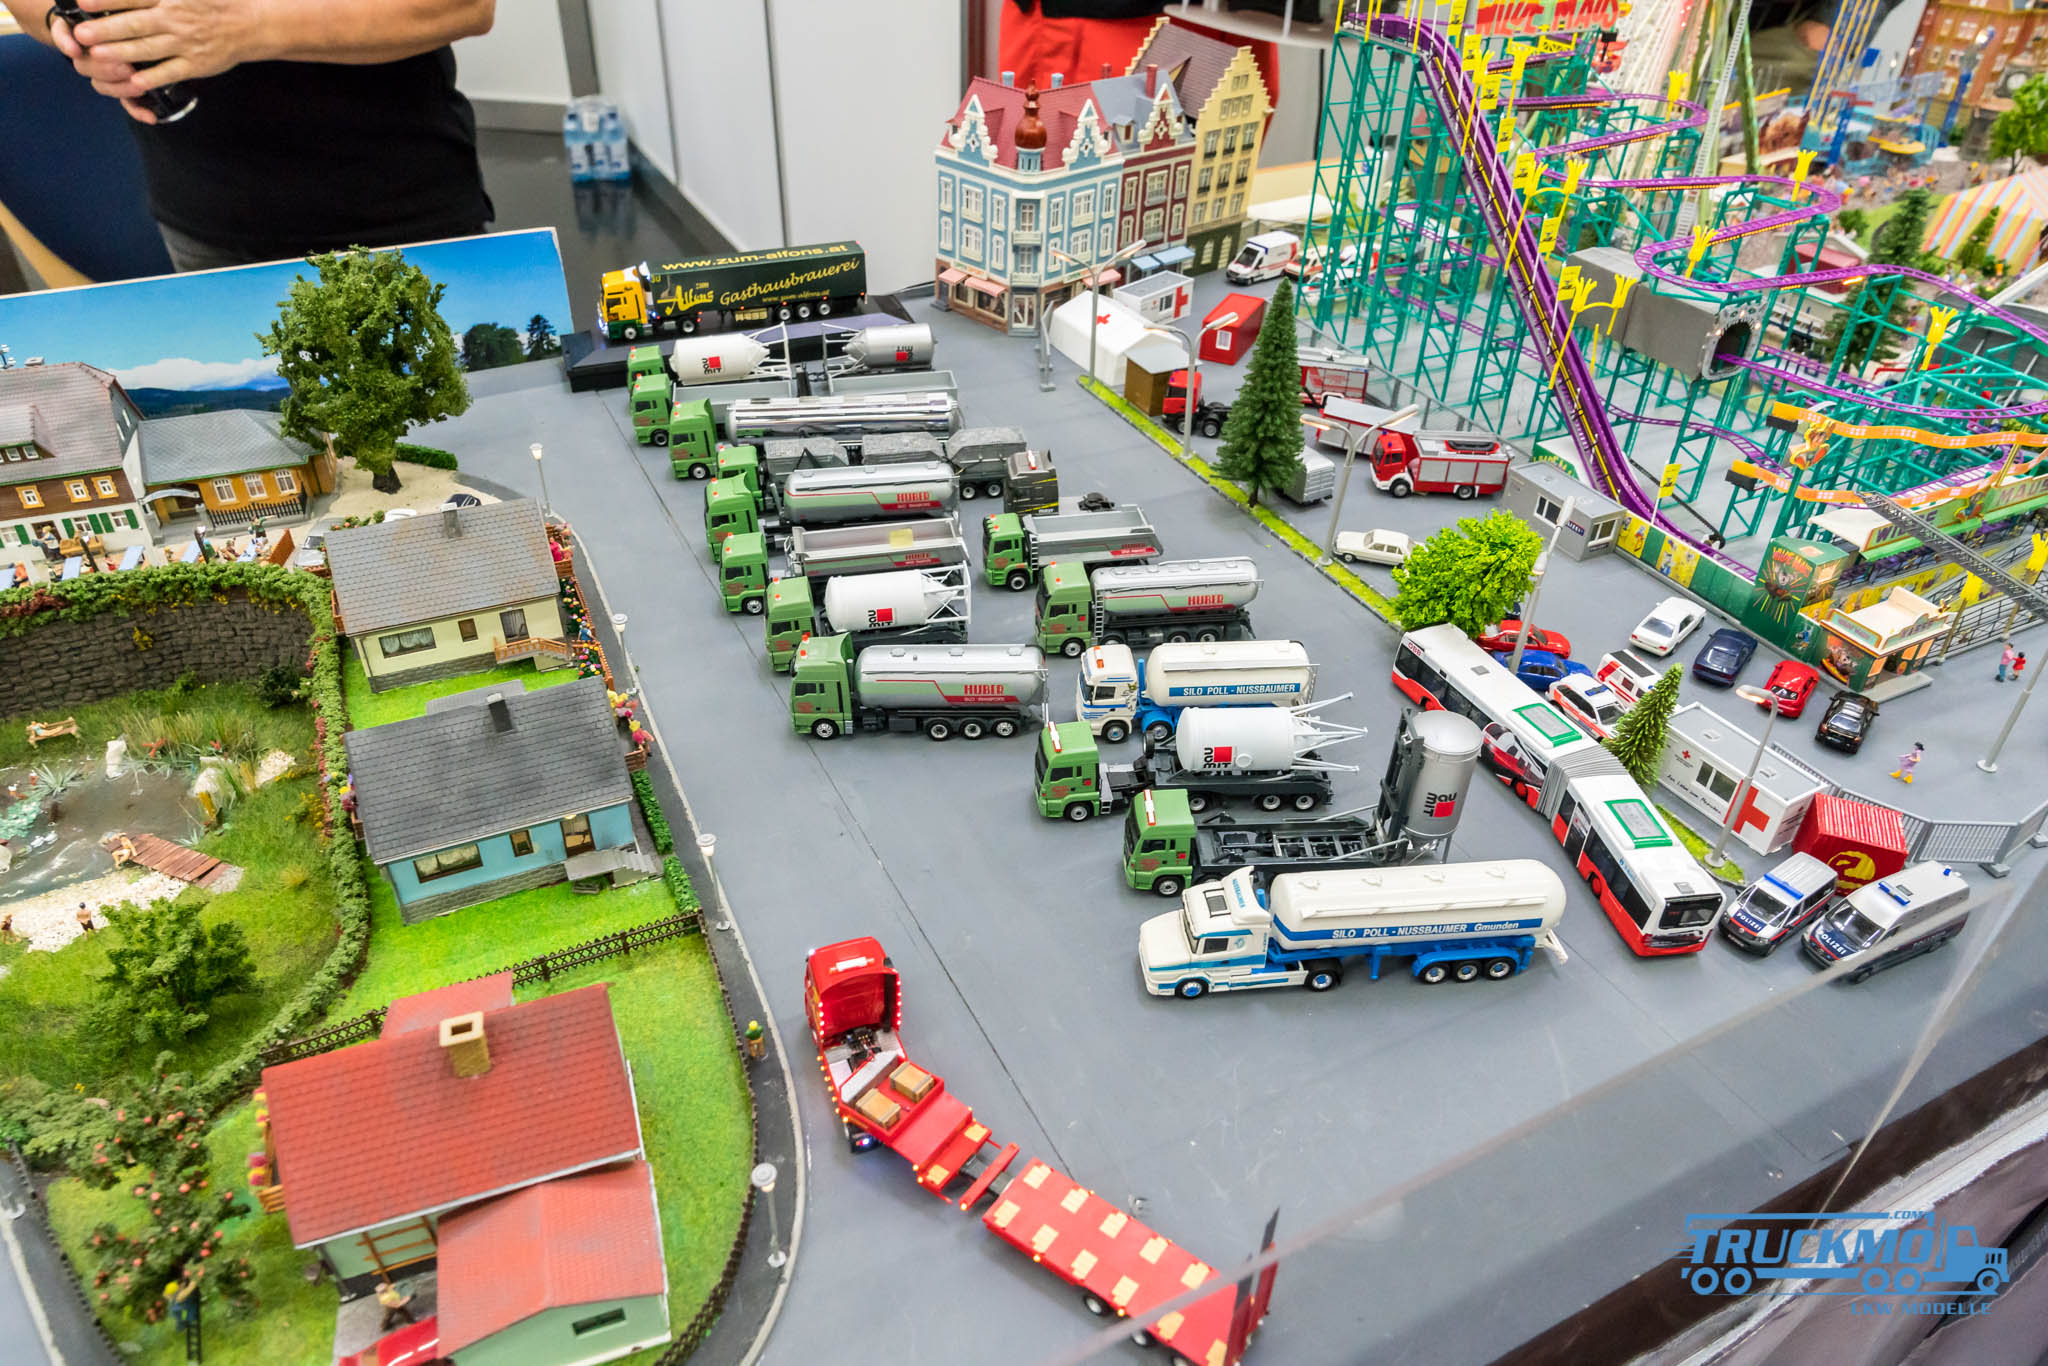 Truckmo_Modellbau_Ried_2017_Herpa_Messe_Modellbauausstellung (280 von 1177)